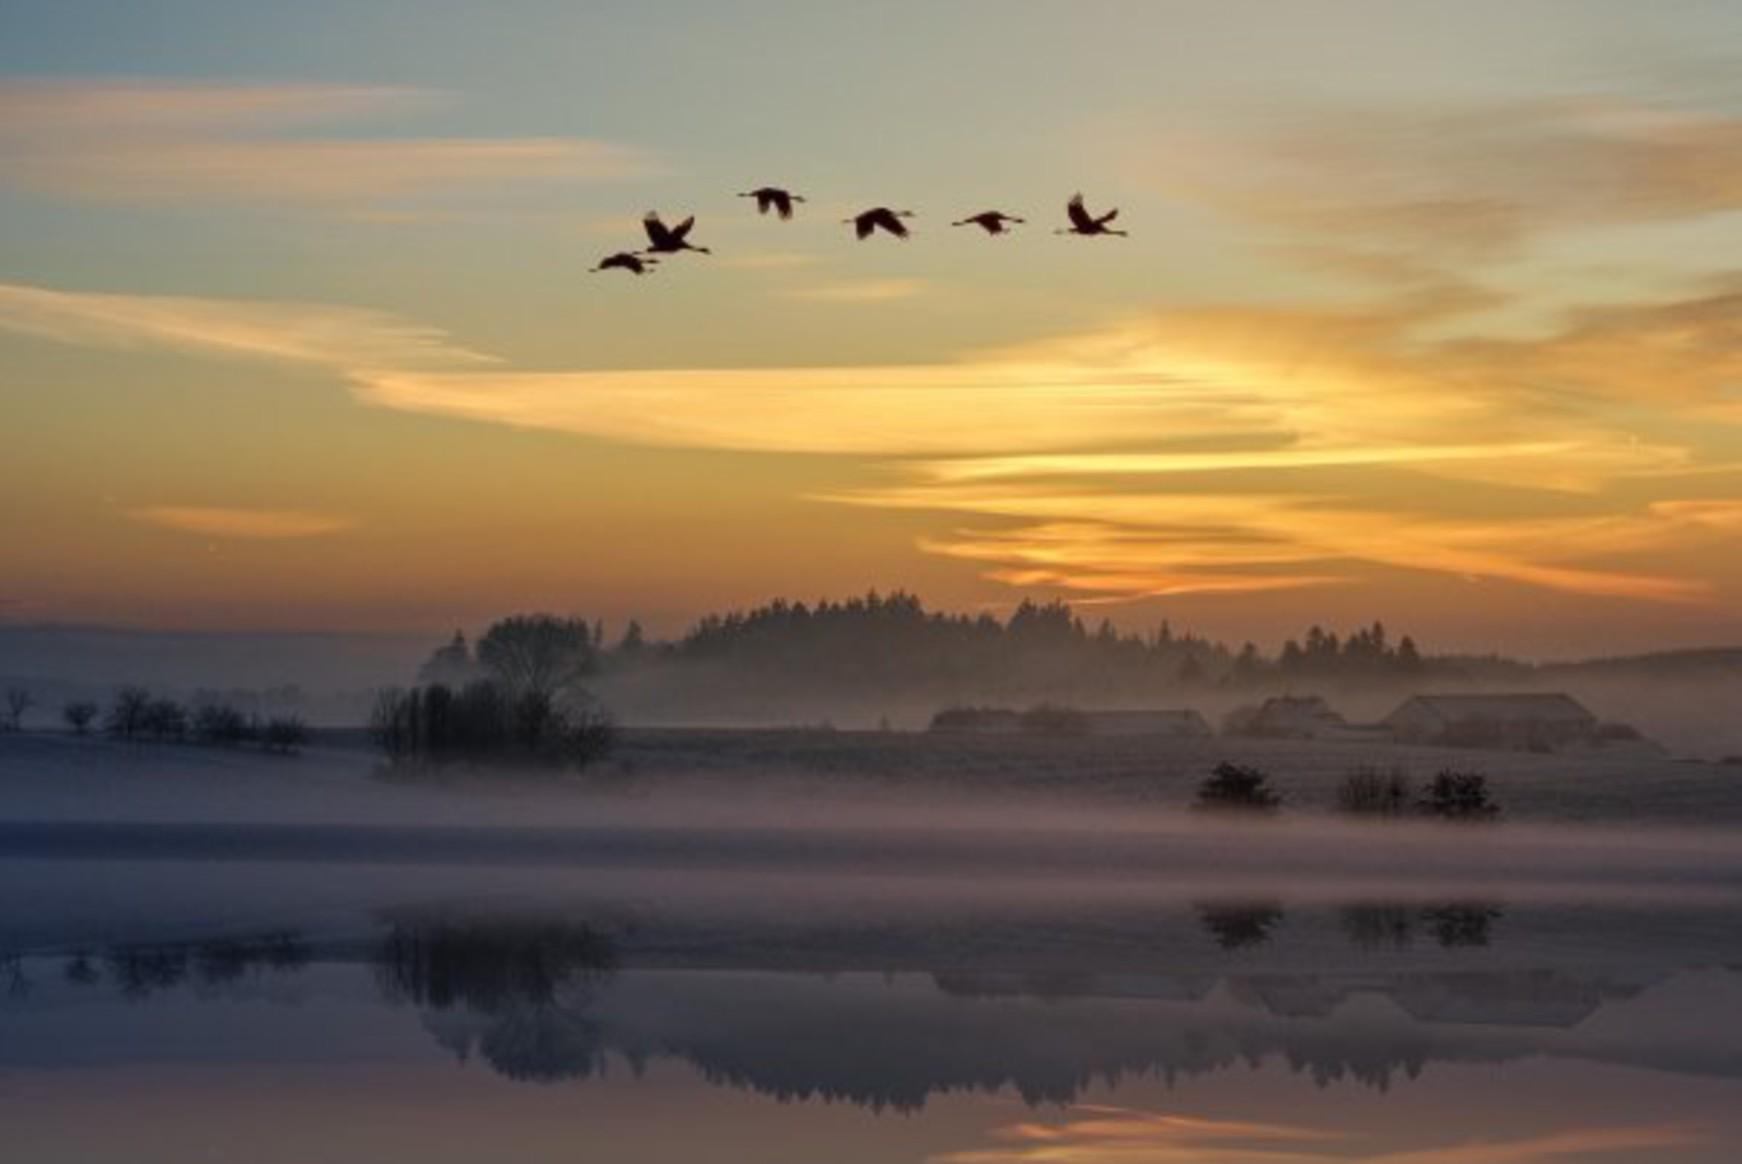 Six oiseaux migrateurs volant au dessus d'un paysage enneigé sur un fond de soleil couchant